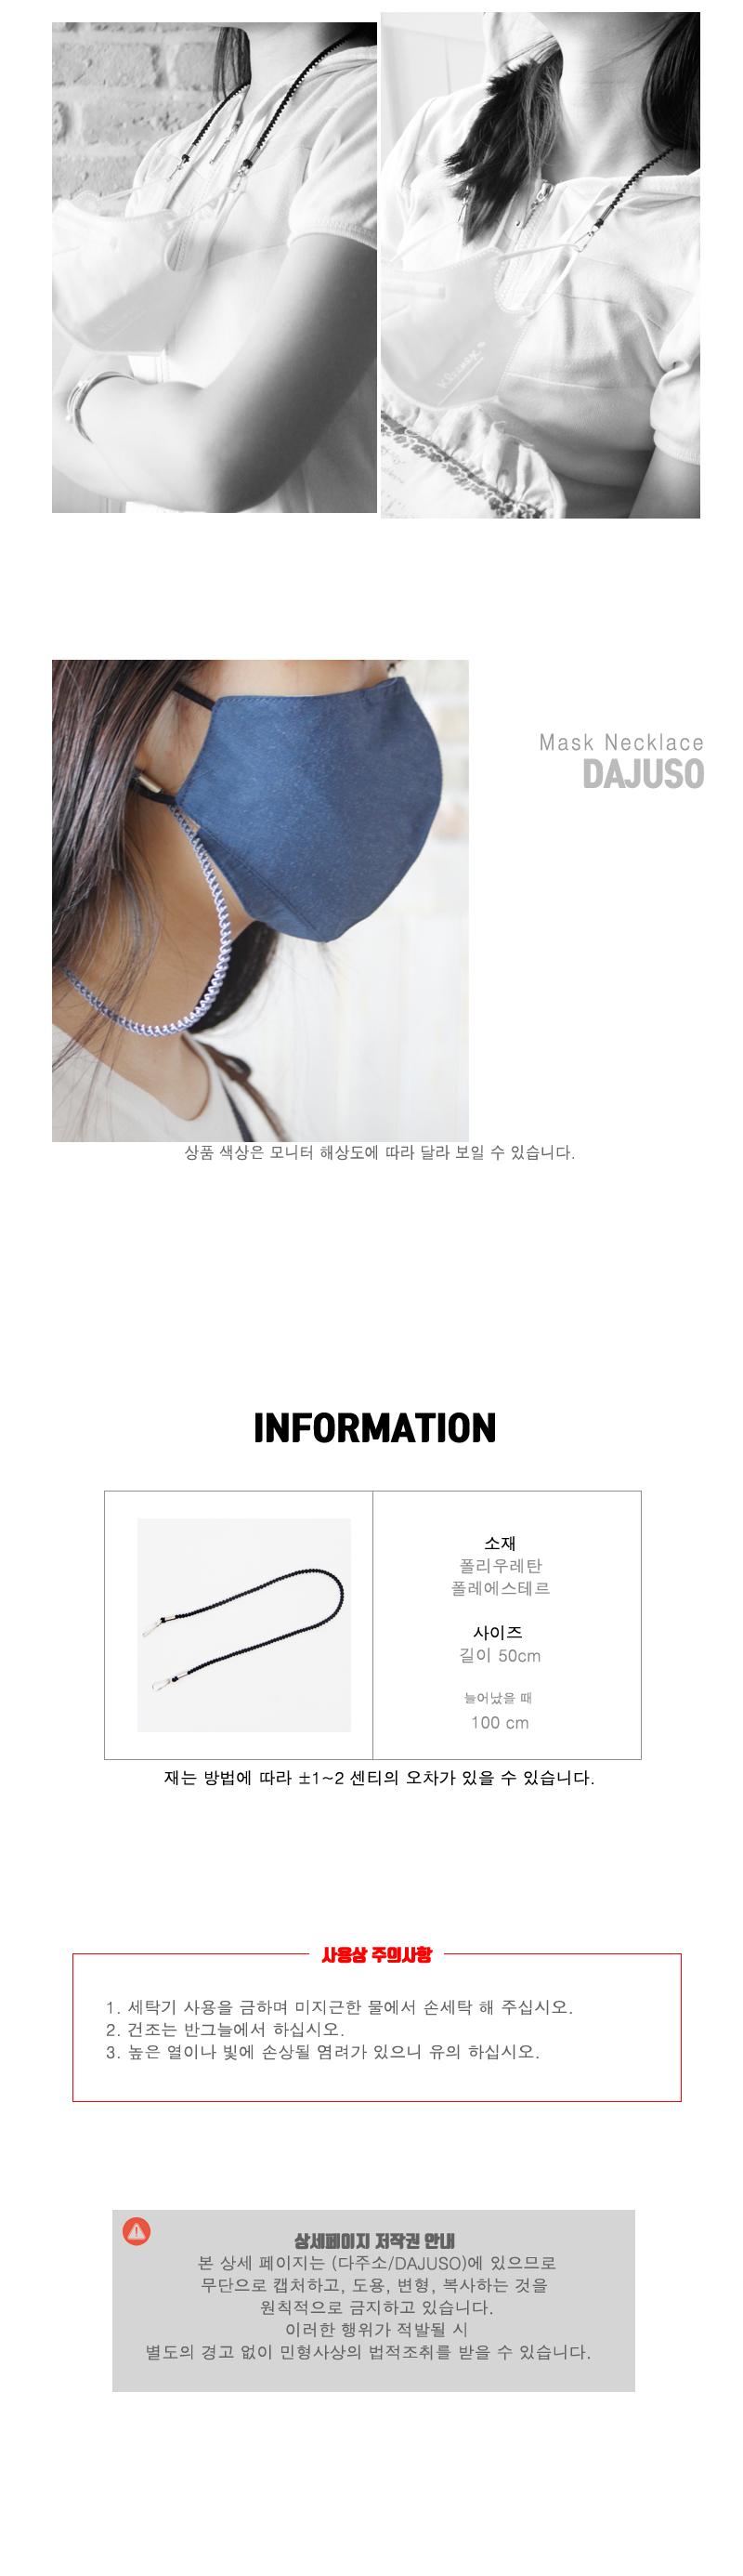 광택 심플 마스크용 목걸이(9colors) - 다주소, 1,900원, 신발소품, 기타소품